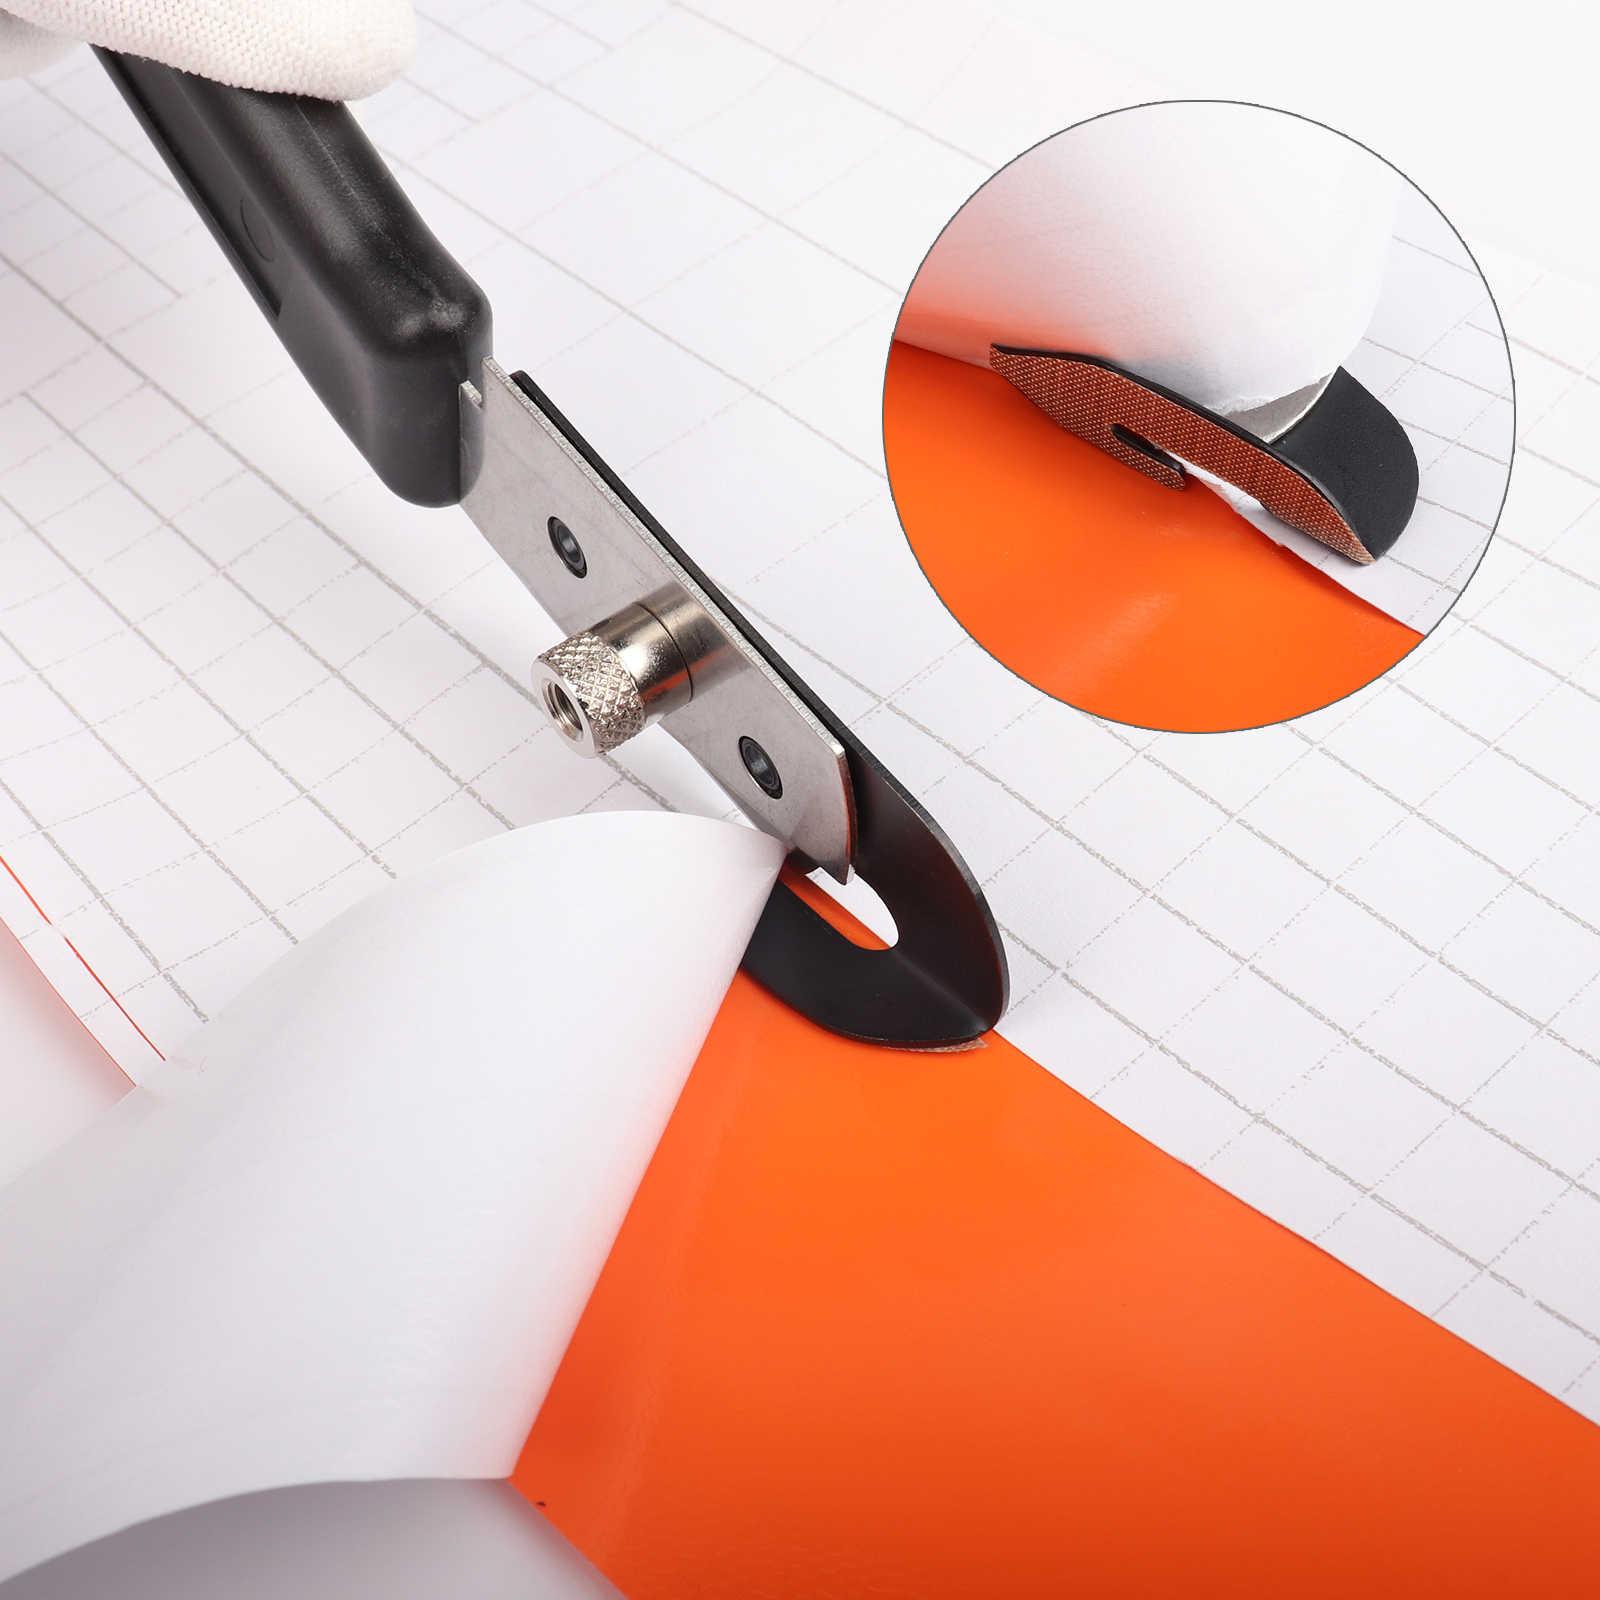 FOSHIO เทฟลอนเครื่องตัดไวนิลคาร์บอนไฟเบอร์ไวนิลฟิล์มห่อตัดมีดยูทิลิตี้ + 10PCS ใบมีด Window Tint กระดาษสติกเกอร์ตัดเครื่องมือ